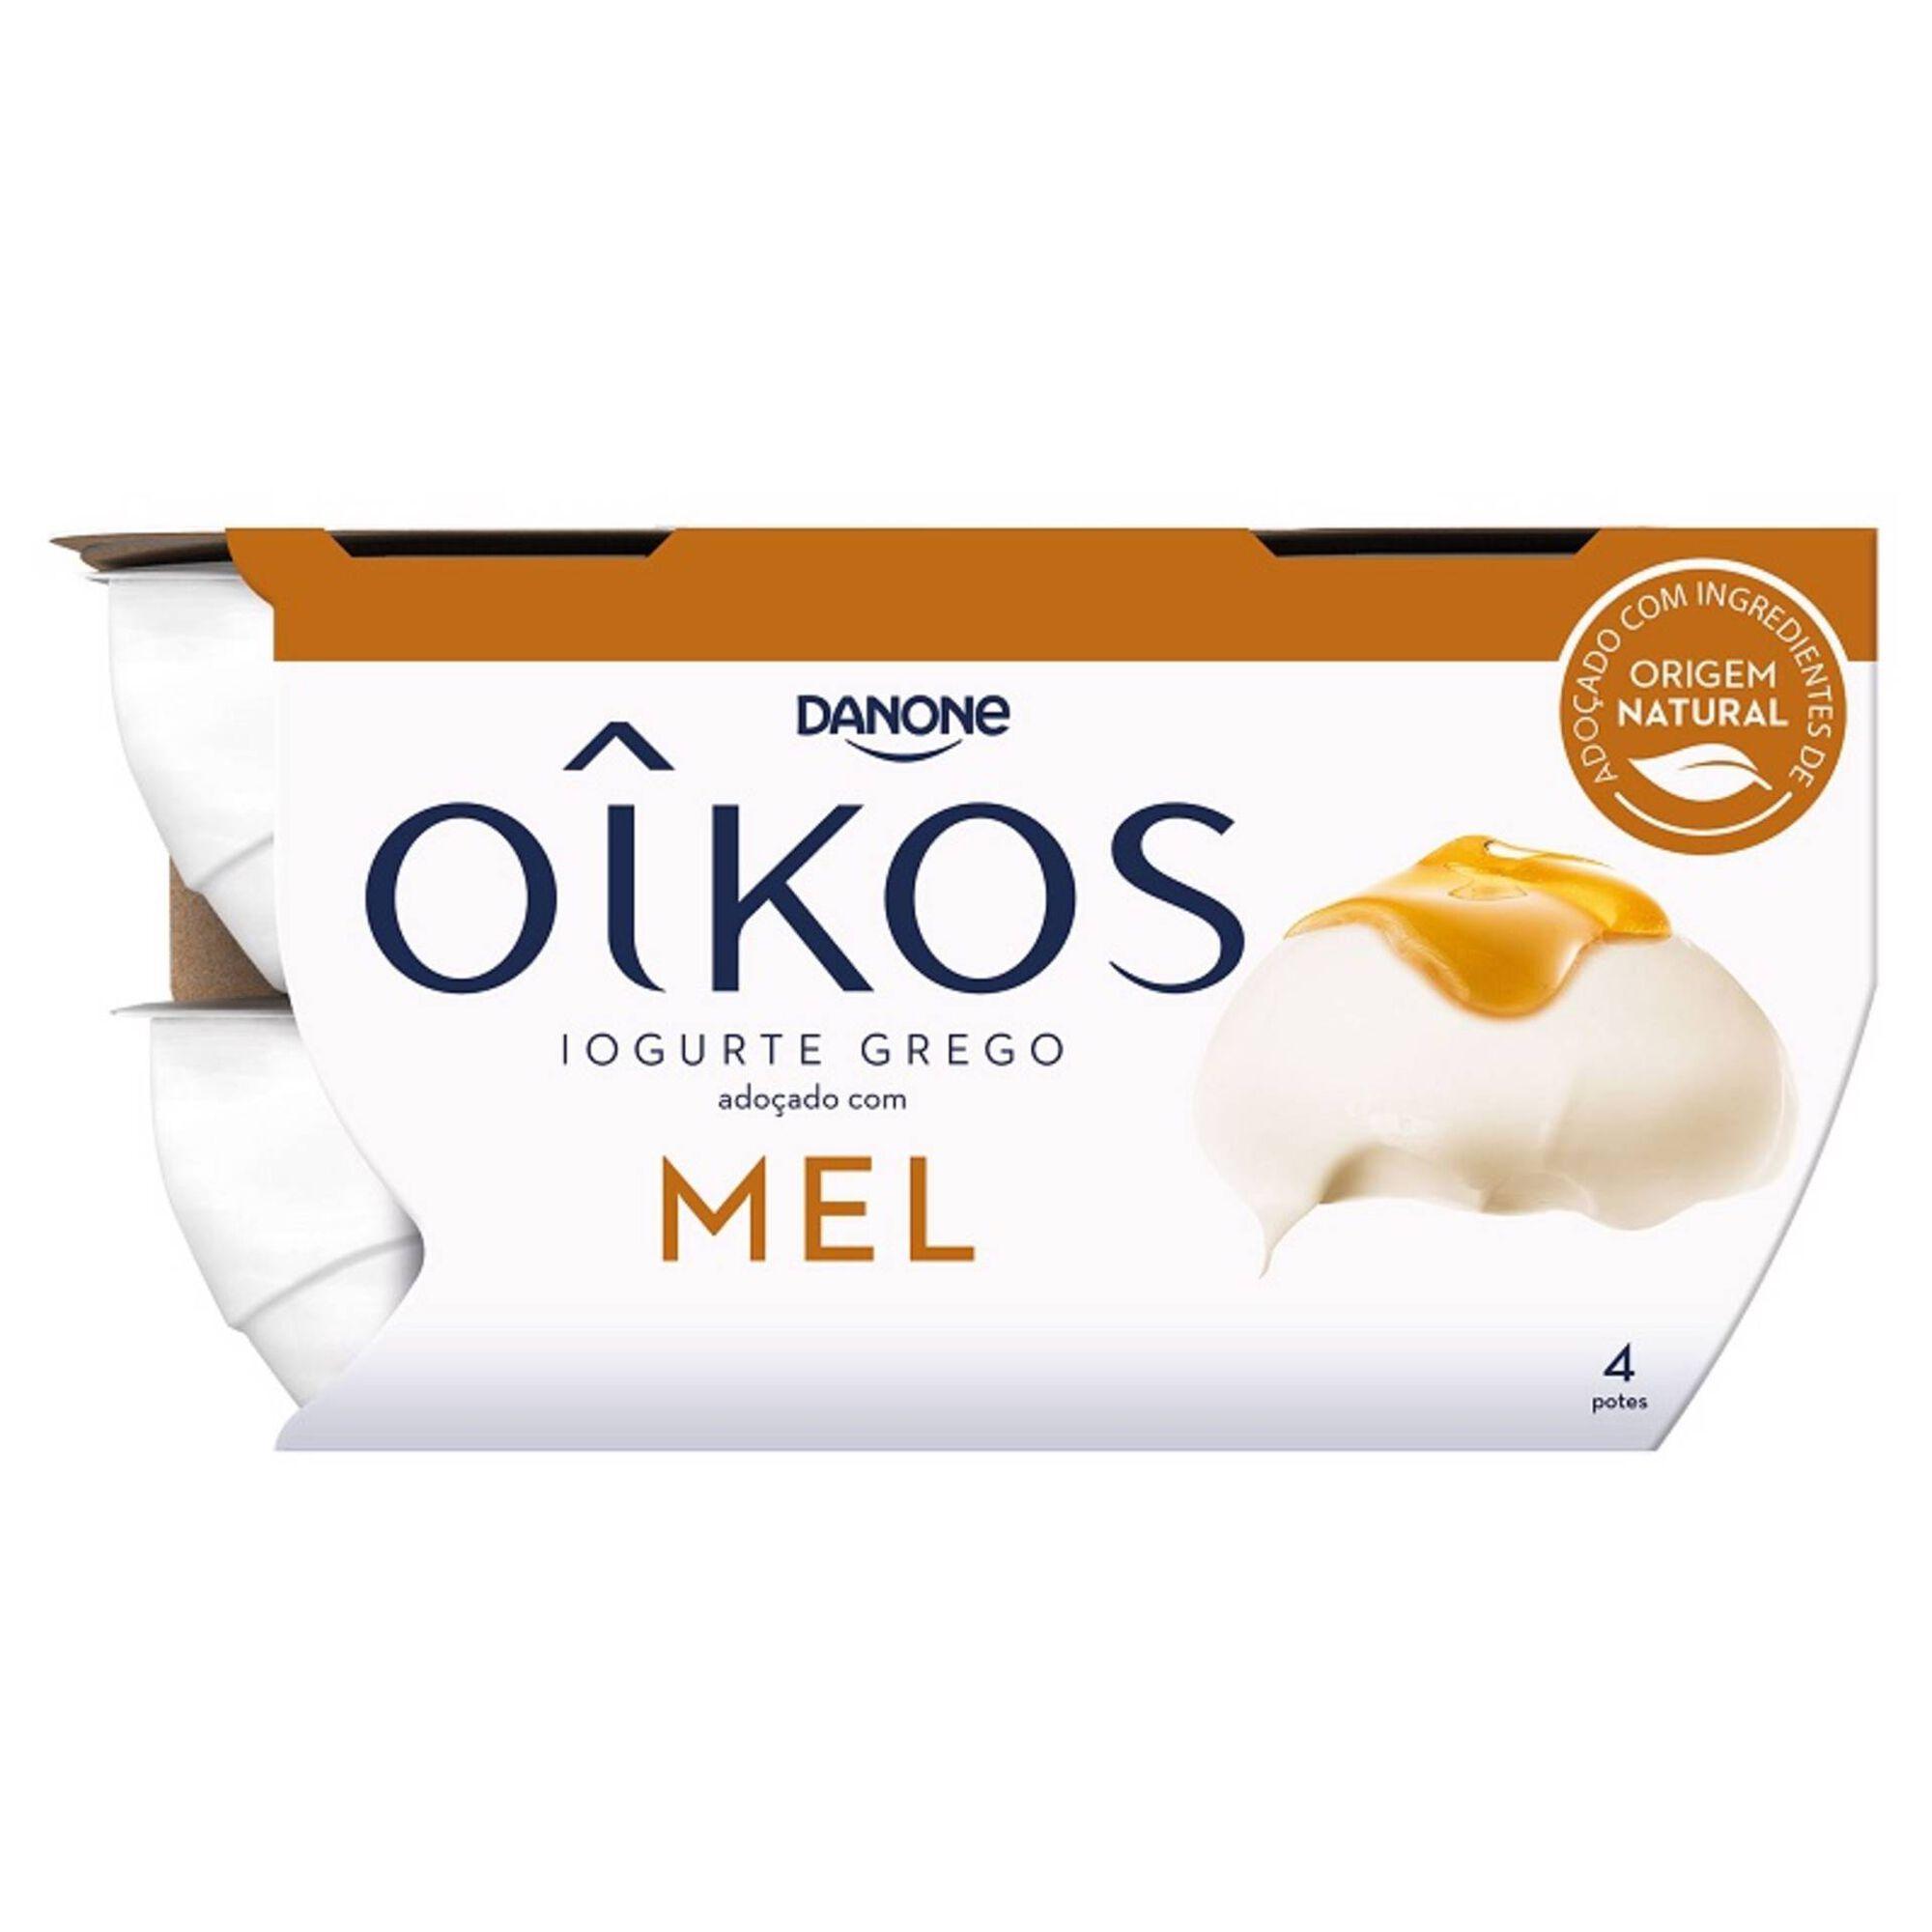 Iogurte Grego Oikos Mel